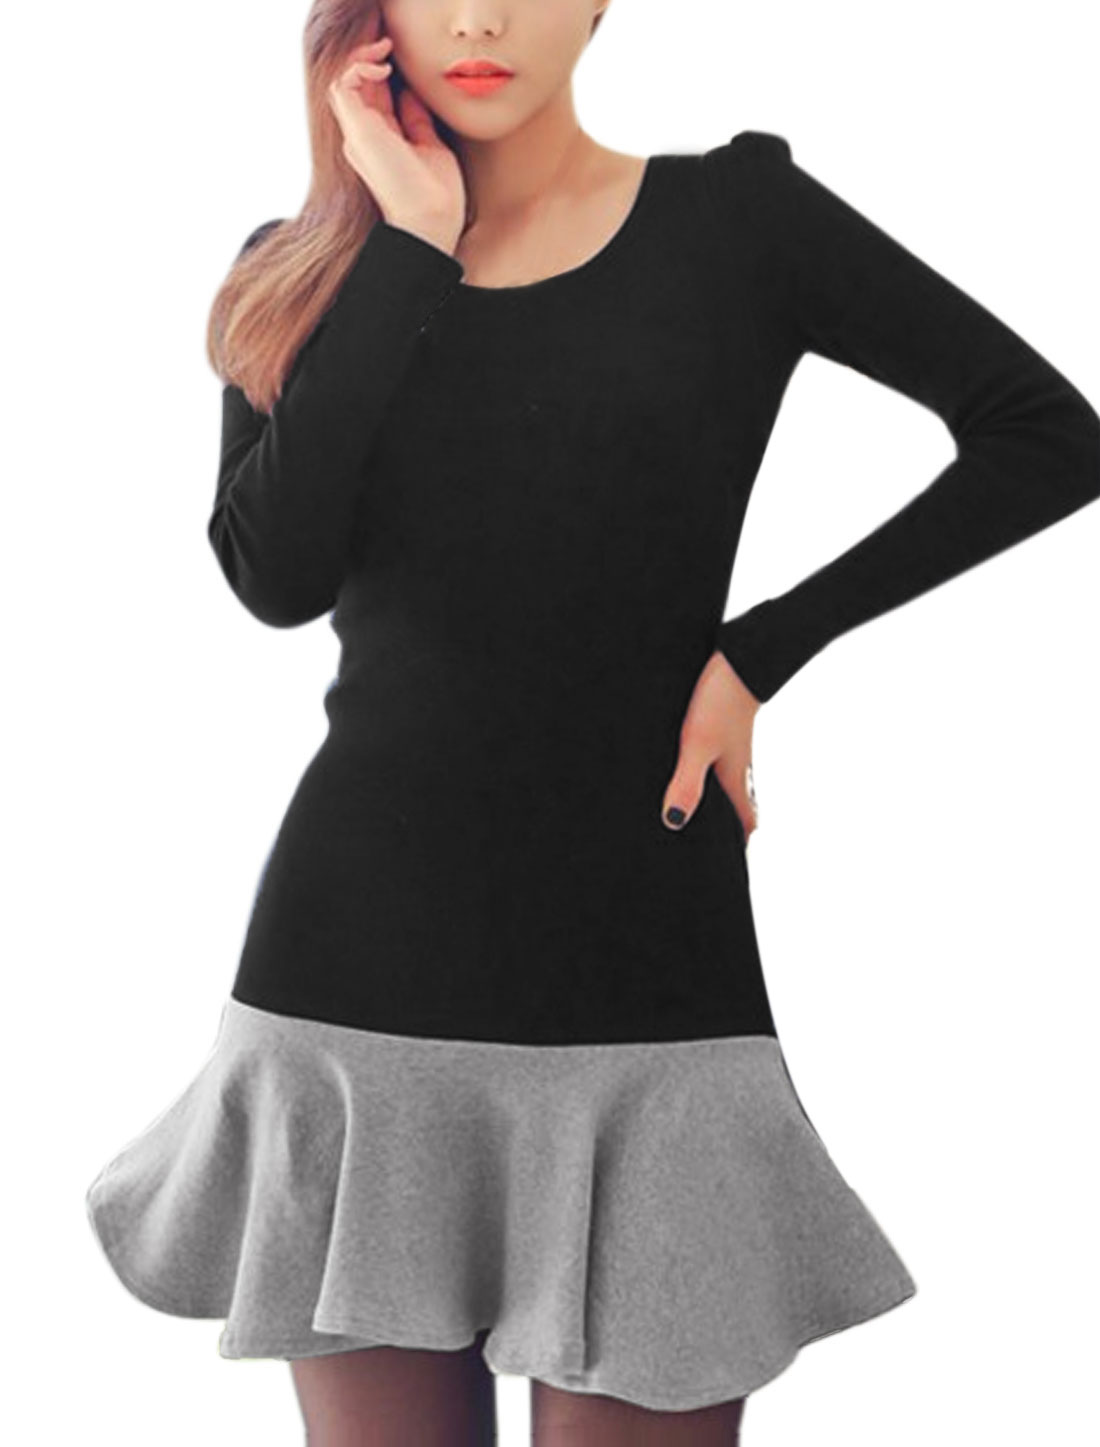 Women Contrast Color Panel Design Flonced Tunic Dress Black M